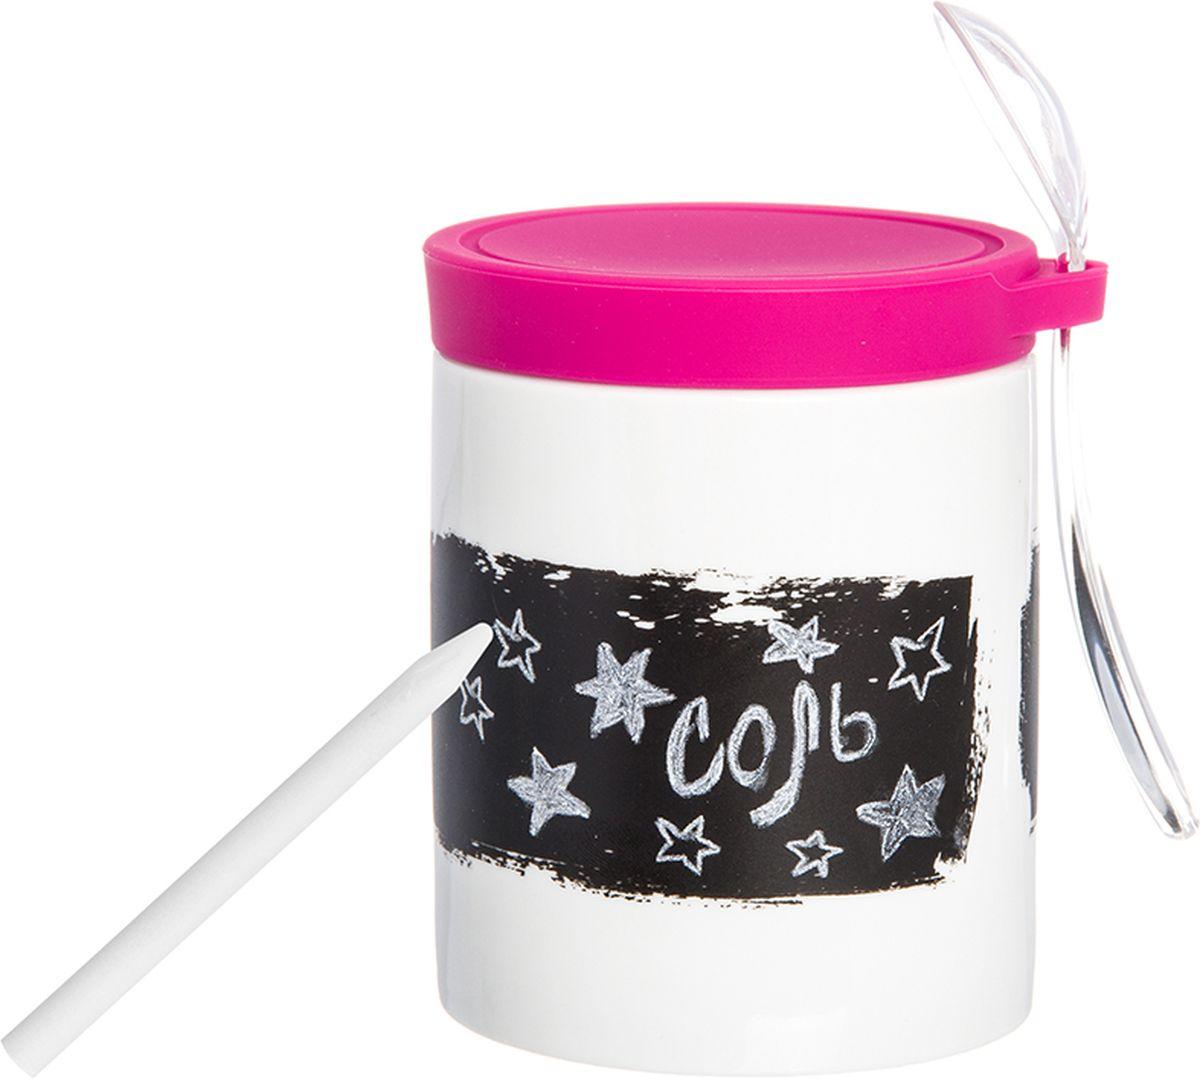 Банка для специй Elan Gallery, с наклейкой, ложкой, карандашом и крышкой, цвет: белый, ярко-розовый, 350 мл900022Банка для специй с ложкой - великолепная идея для подарка, которому обрадуется любая хозяйка, заботящаяся о домашнем уюте и комфорте! Банка отличается оригинальным дизайном и функциональностью. Объем 350 мл. С графитовой наклейкой, с пластиковой ложкой, с карандашом и силиконовой крышкой.